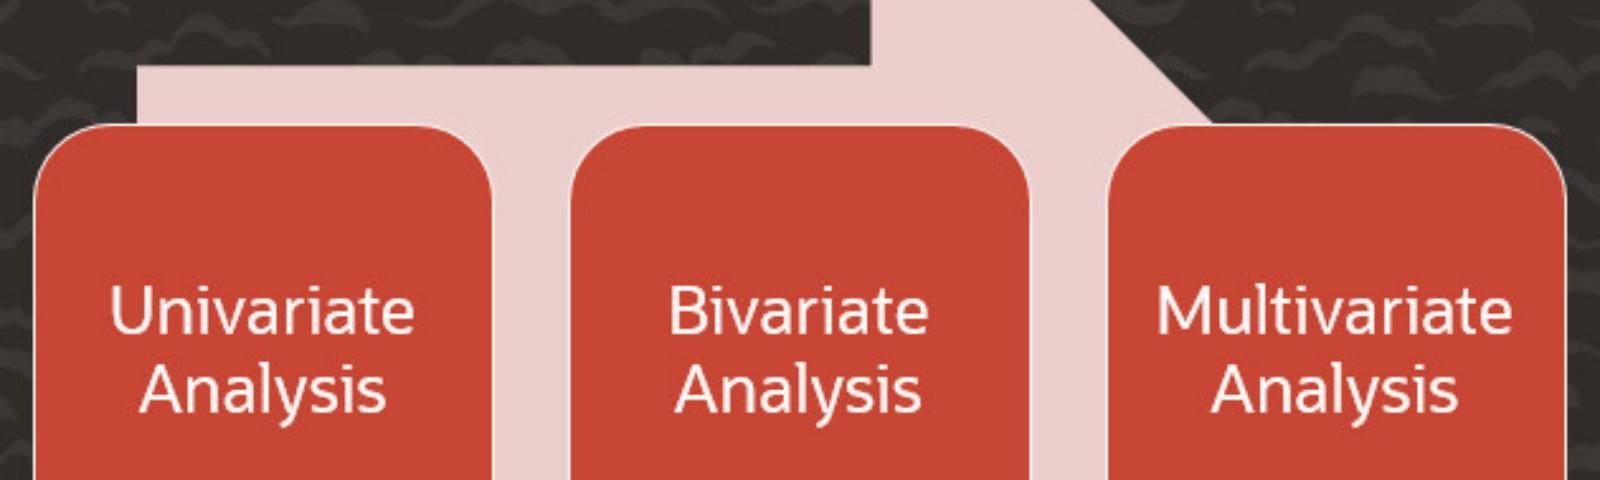 Univariate, Bivariate and Multivariate Analysis